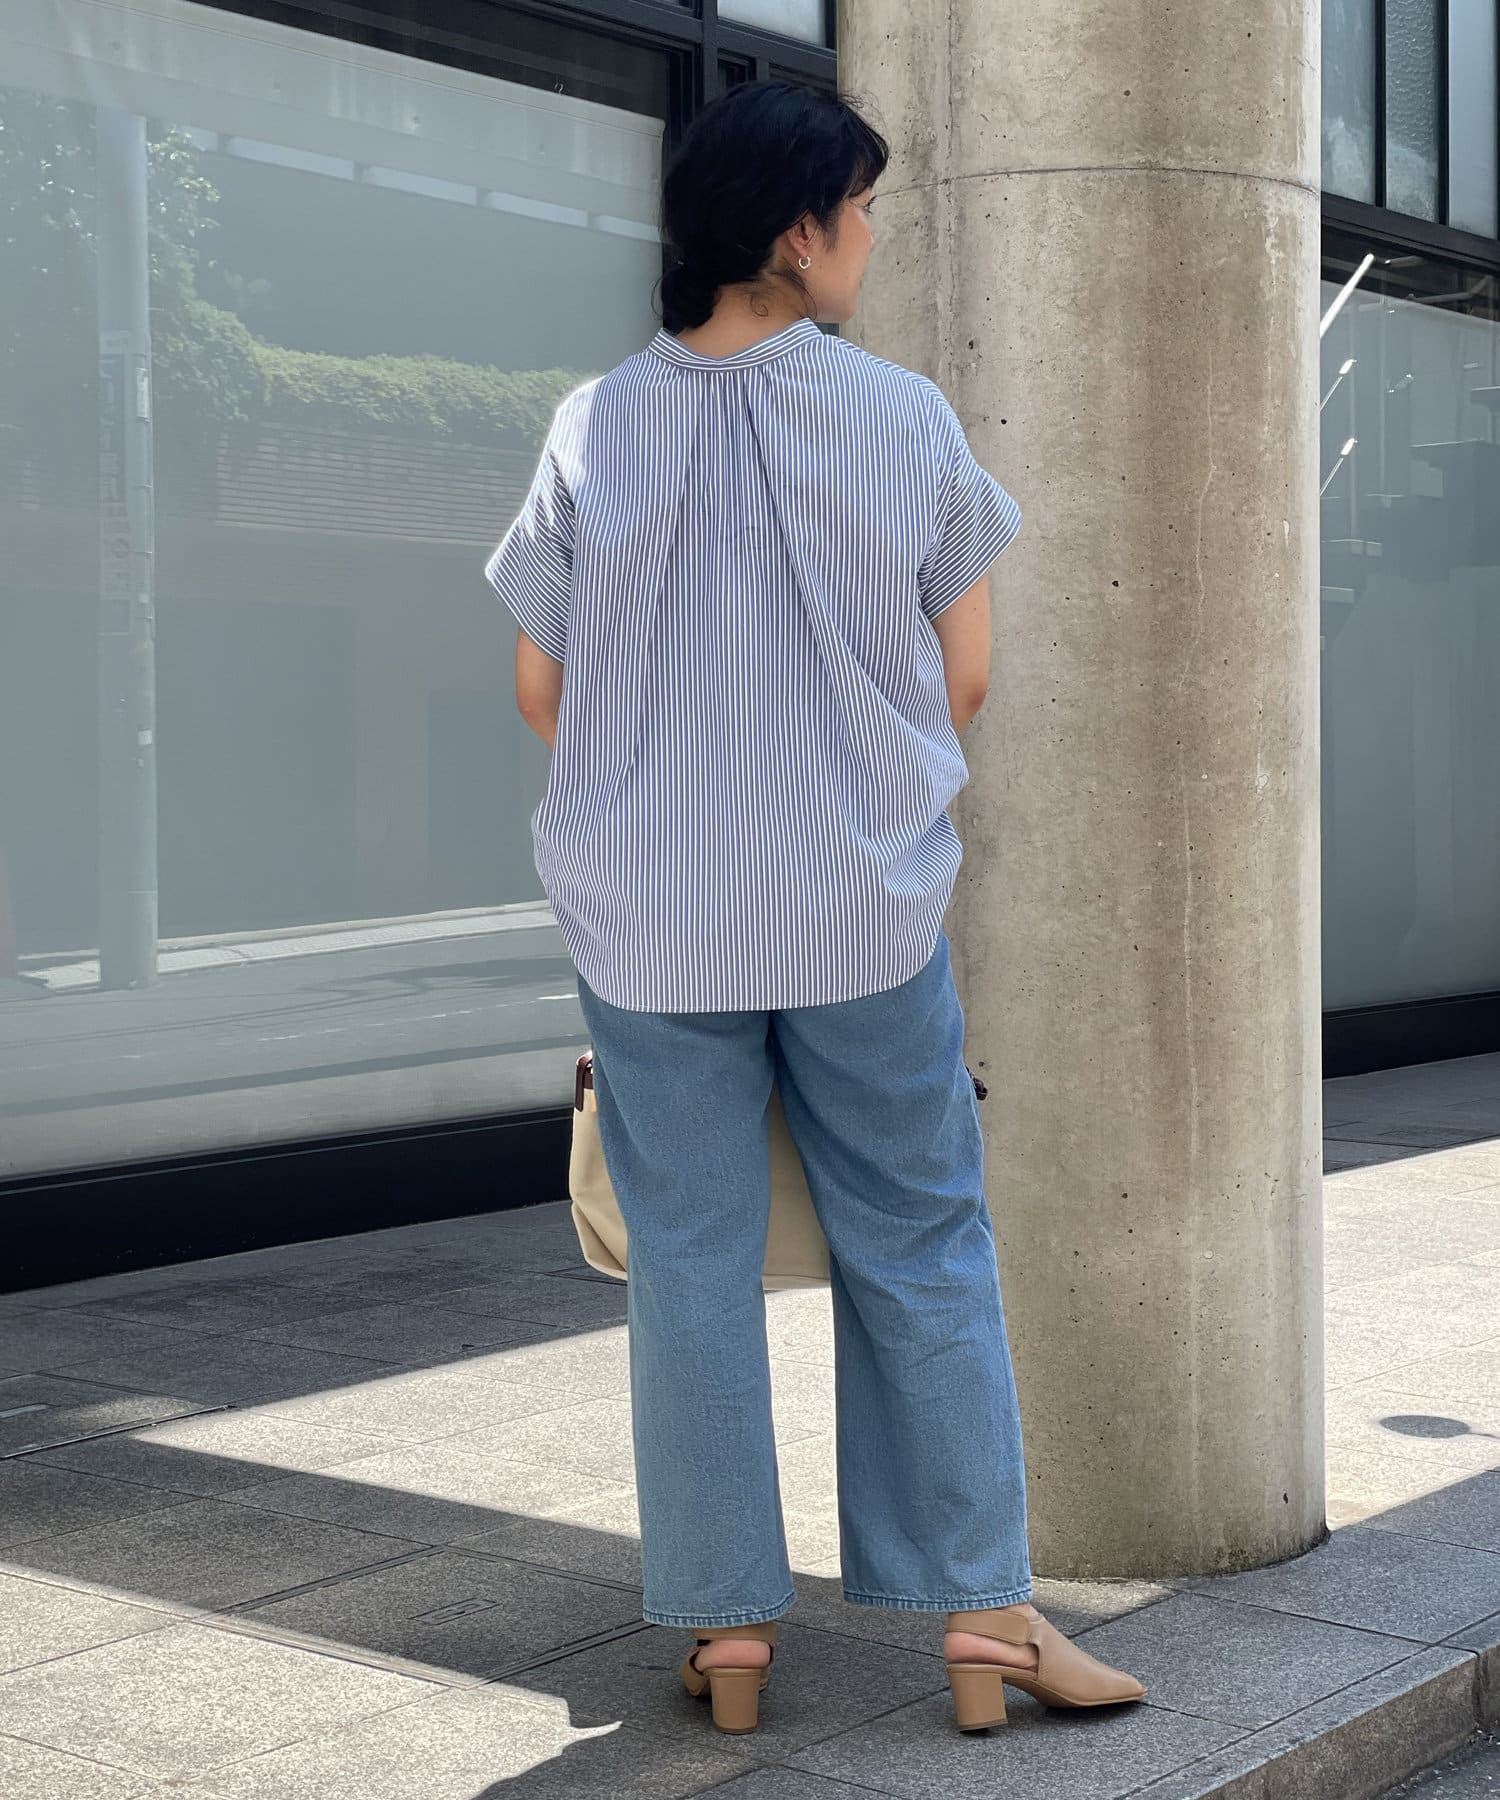 un dix cors(アンディコール) 【スッキリとした清涼感のある印象】ストライプスキッパーシャツ